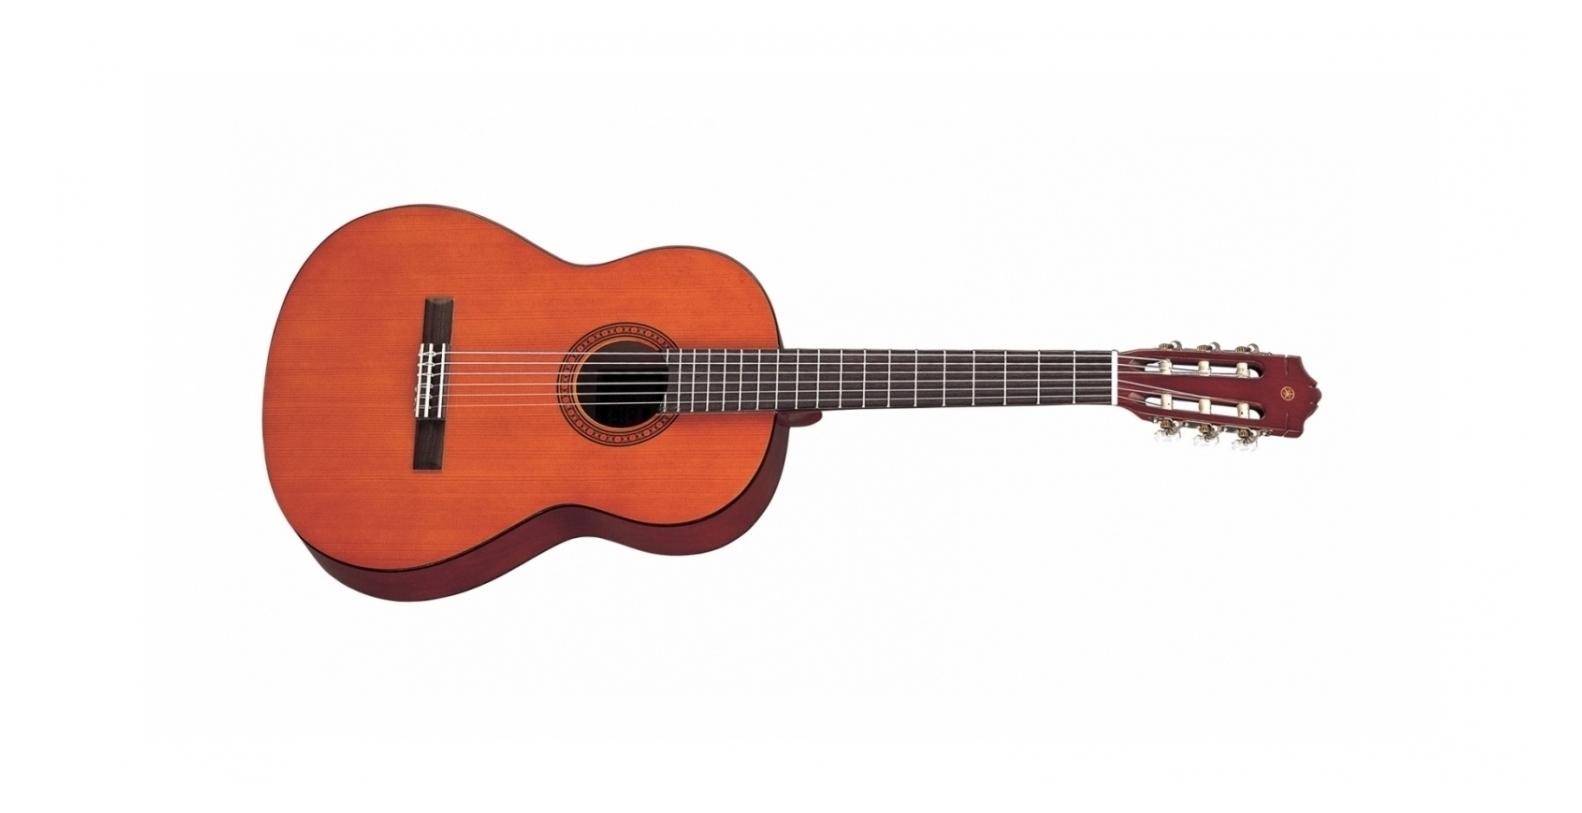 ... 813 jpeg 392kB, Cara Menstem Gitar Untuk Pemula | Guitarist Indonesia